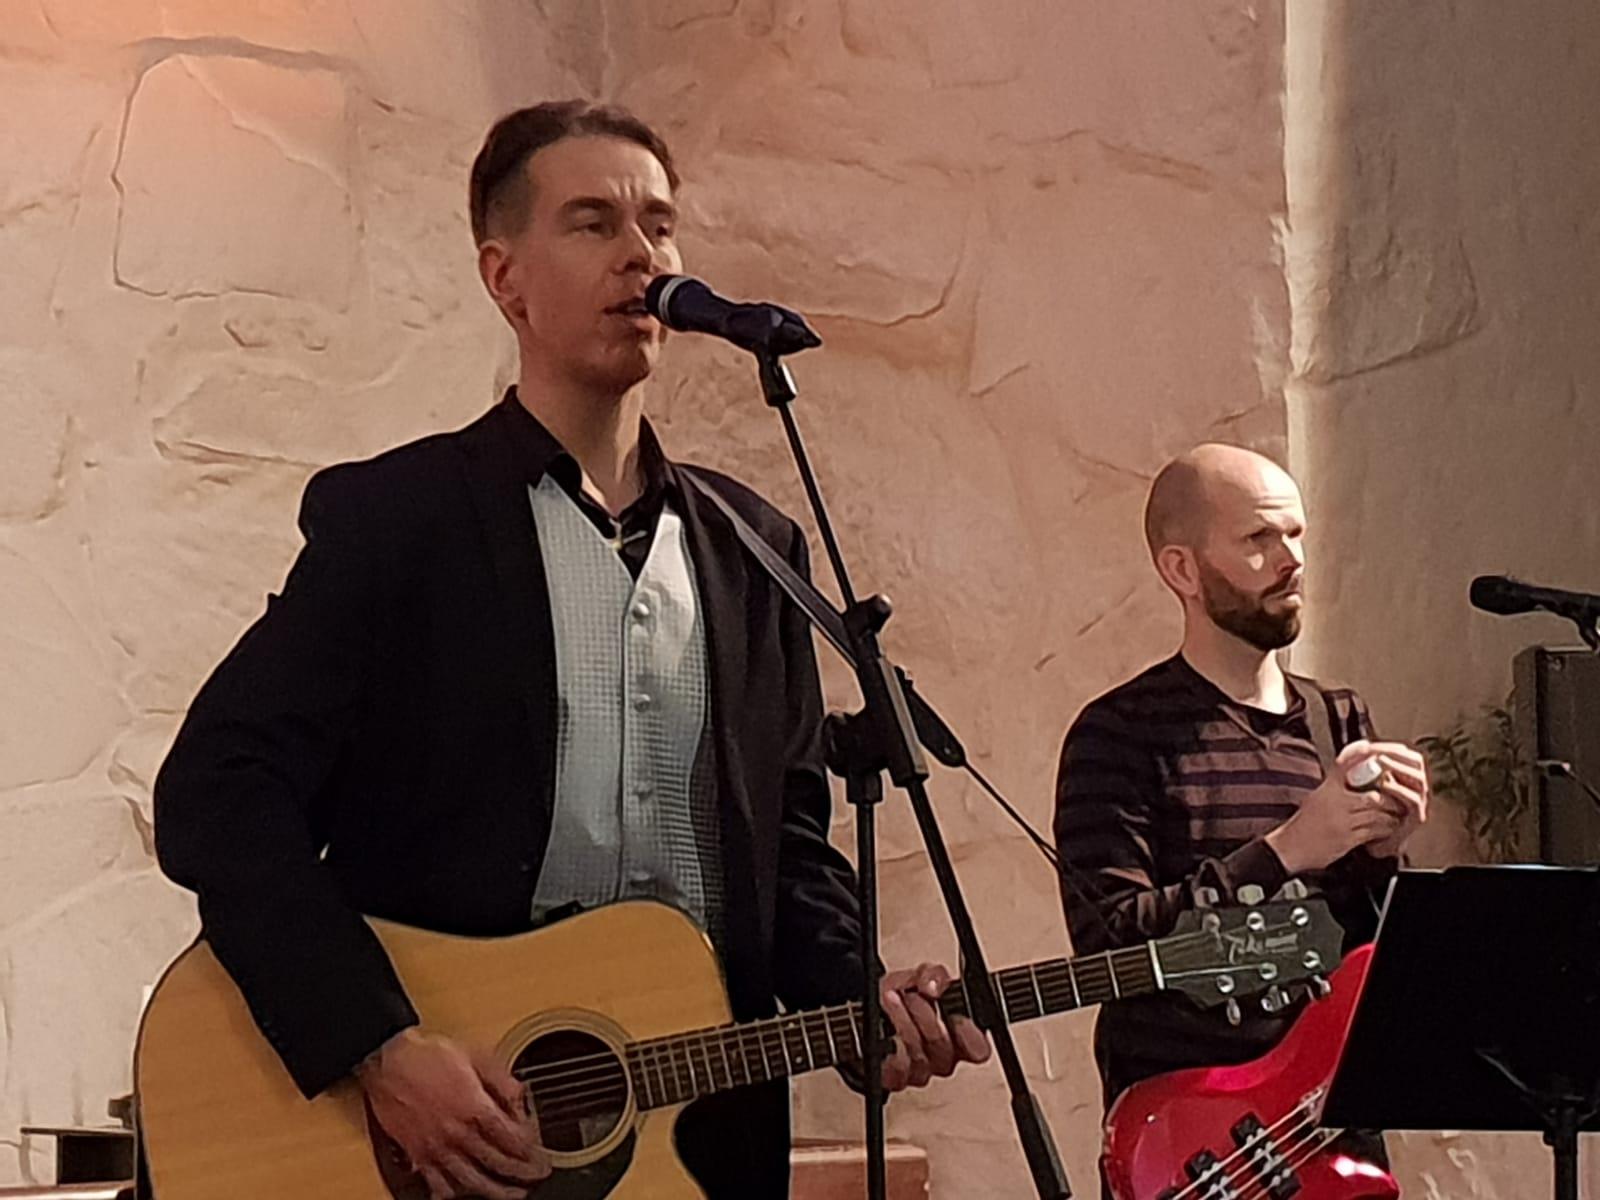 Joulukonsertti, Lempäälän Pyhän Birgitan kirkko. 2.12.2018